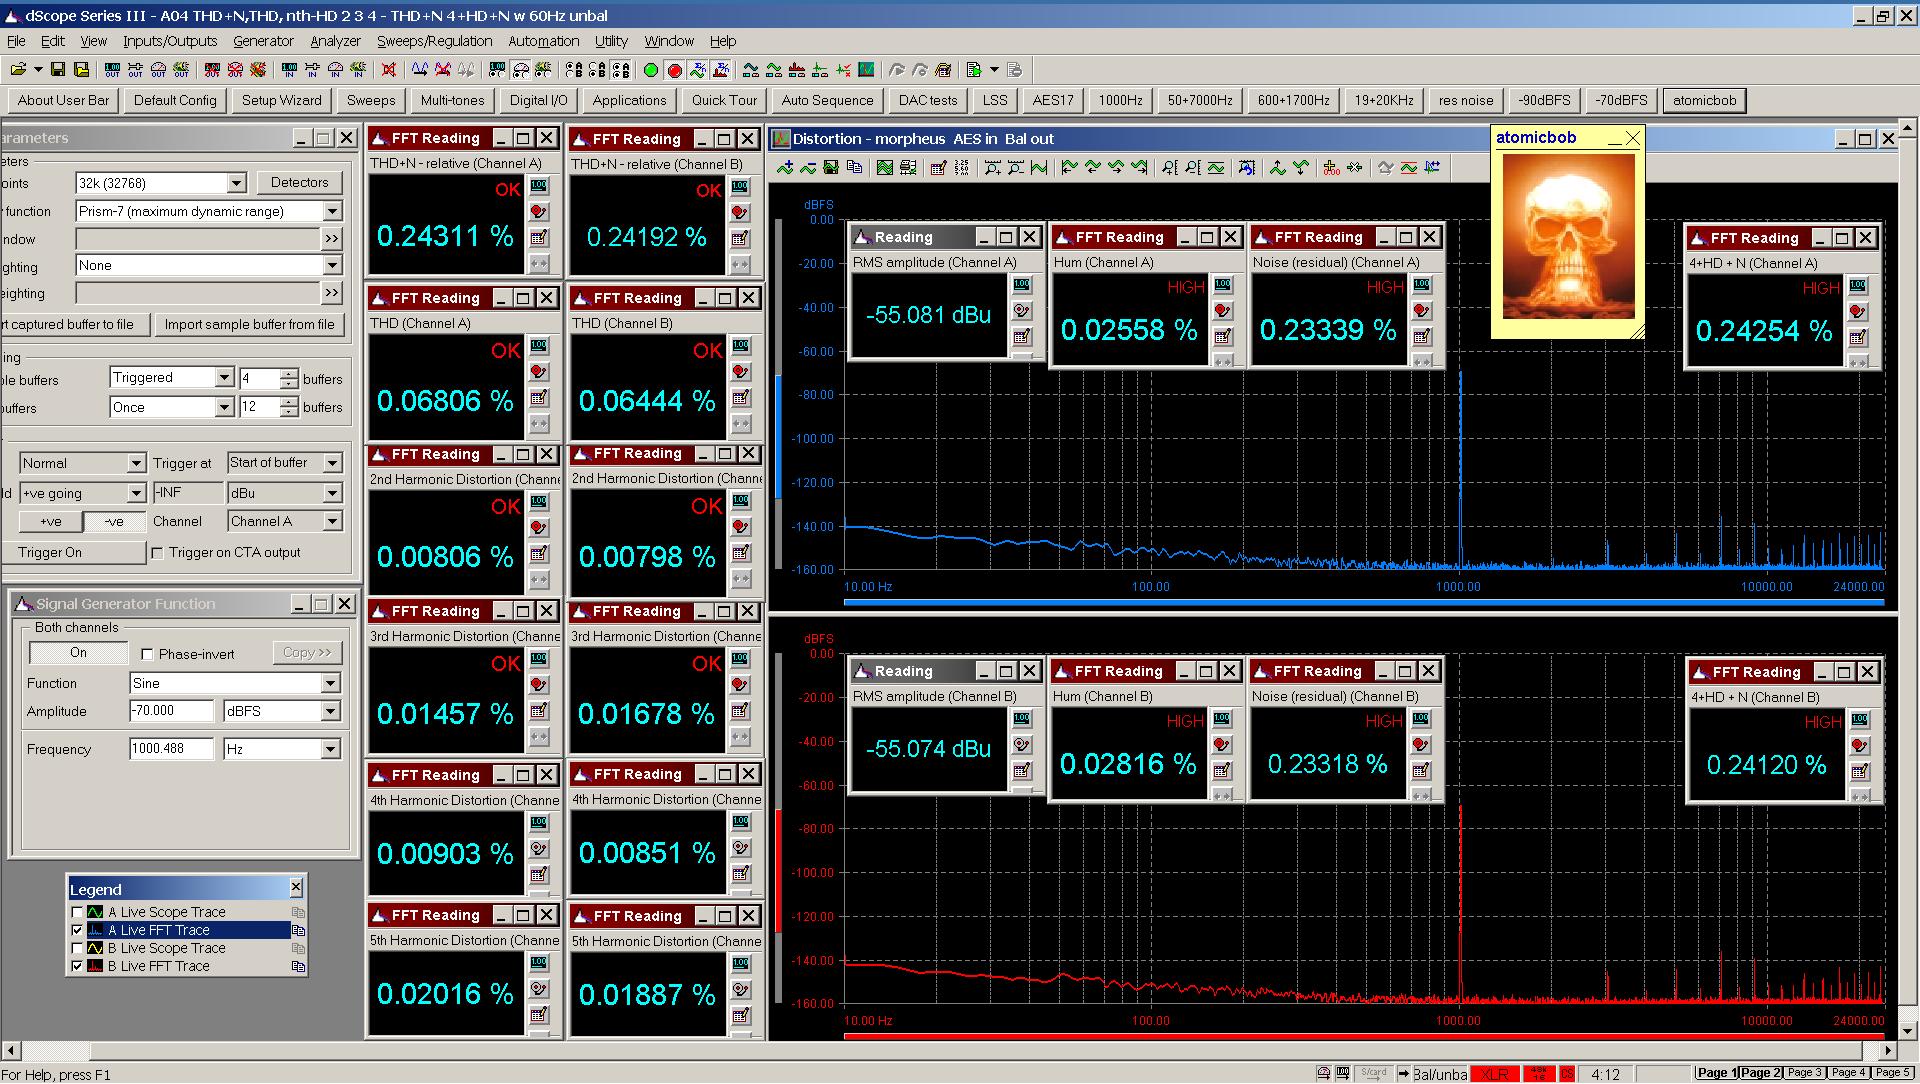 20200723 morpheus A04 THD+N THD nth-HD 4+HD+N 60Hz FFT Bal -70dBFS - AES.png